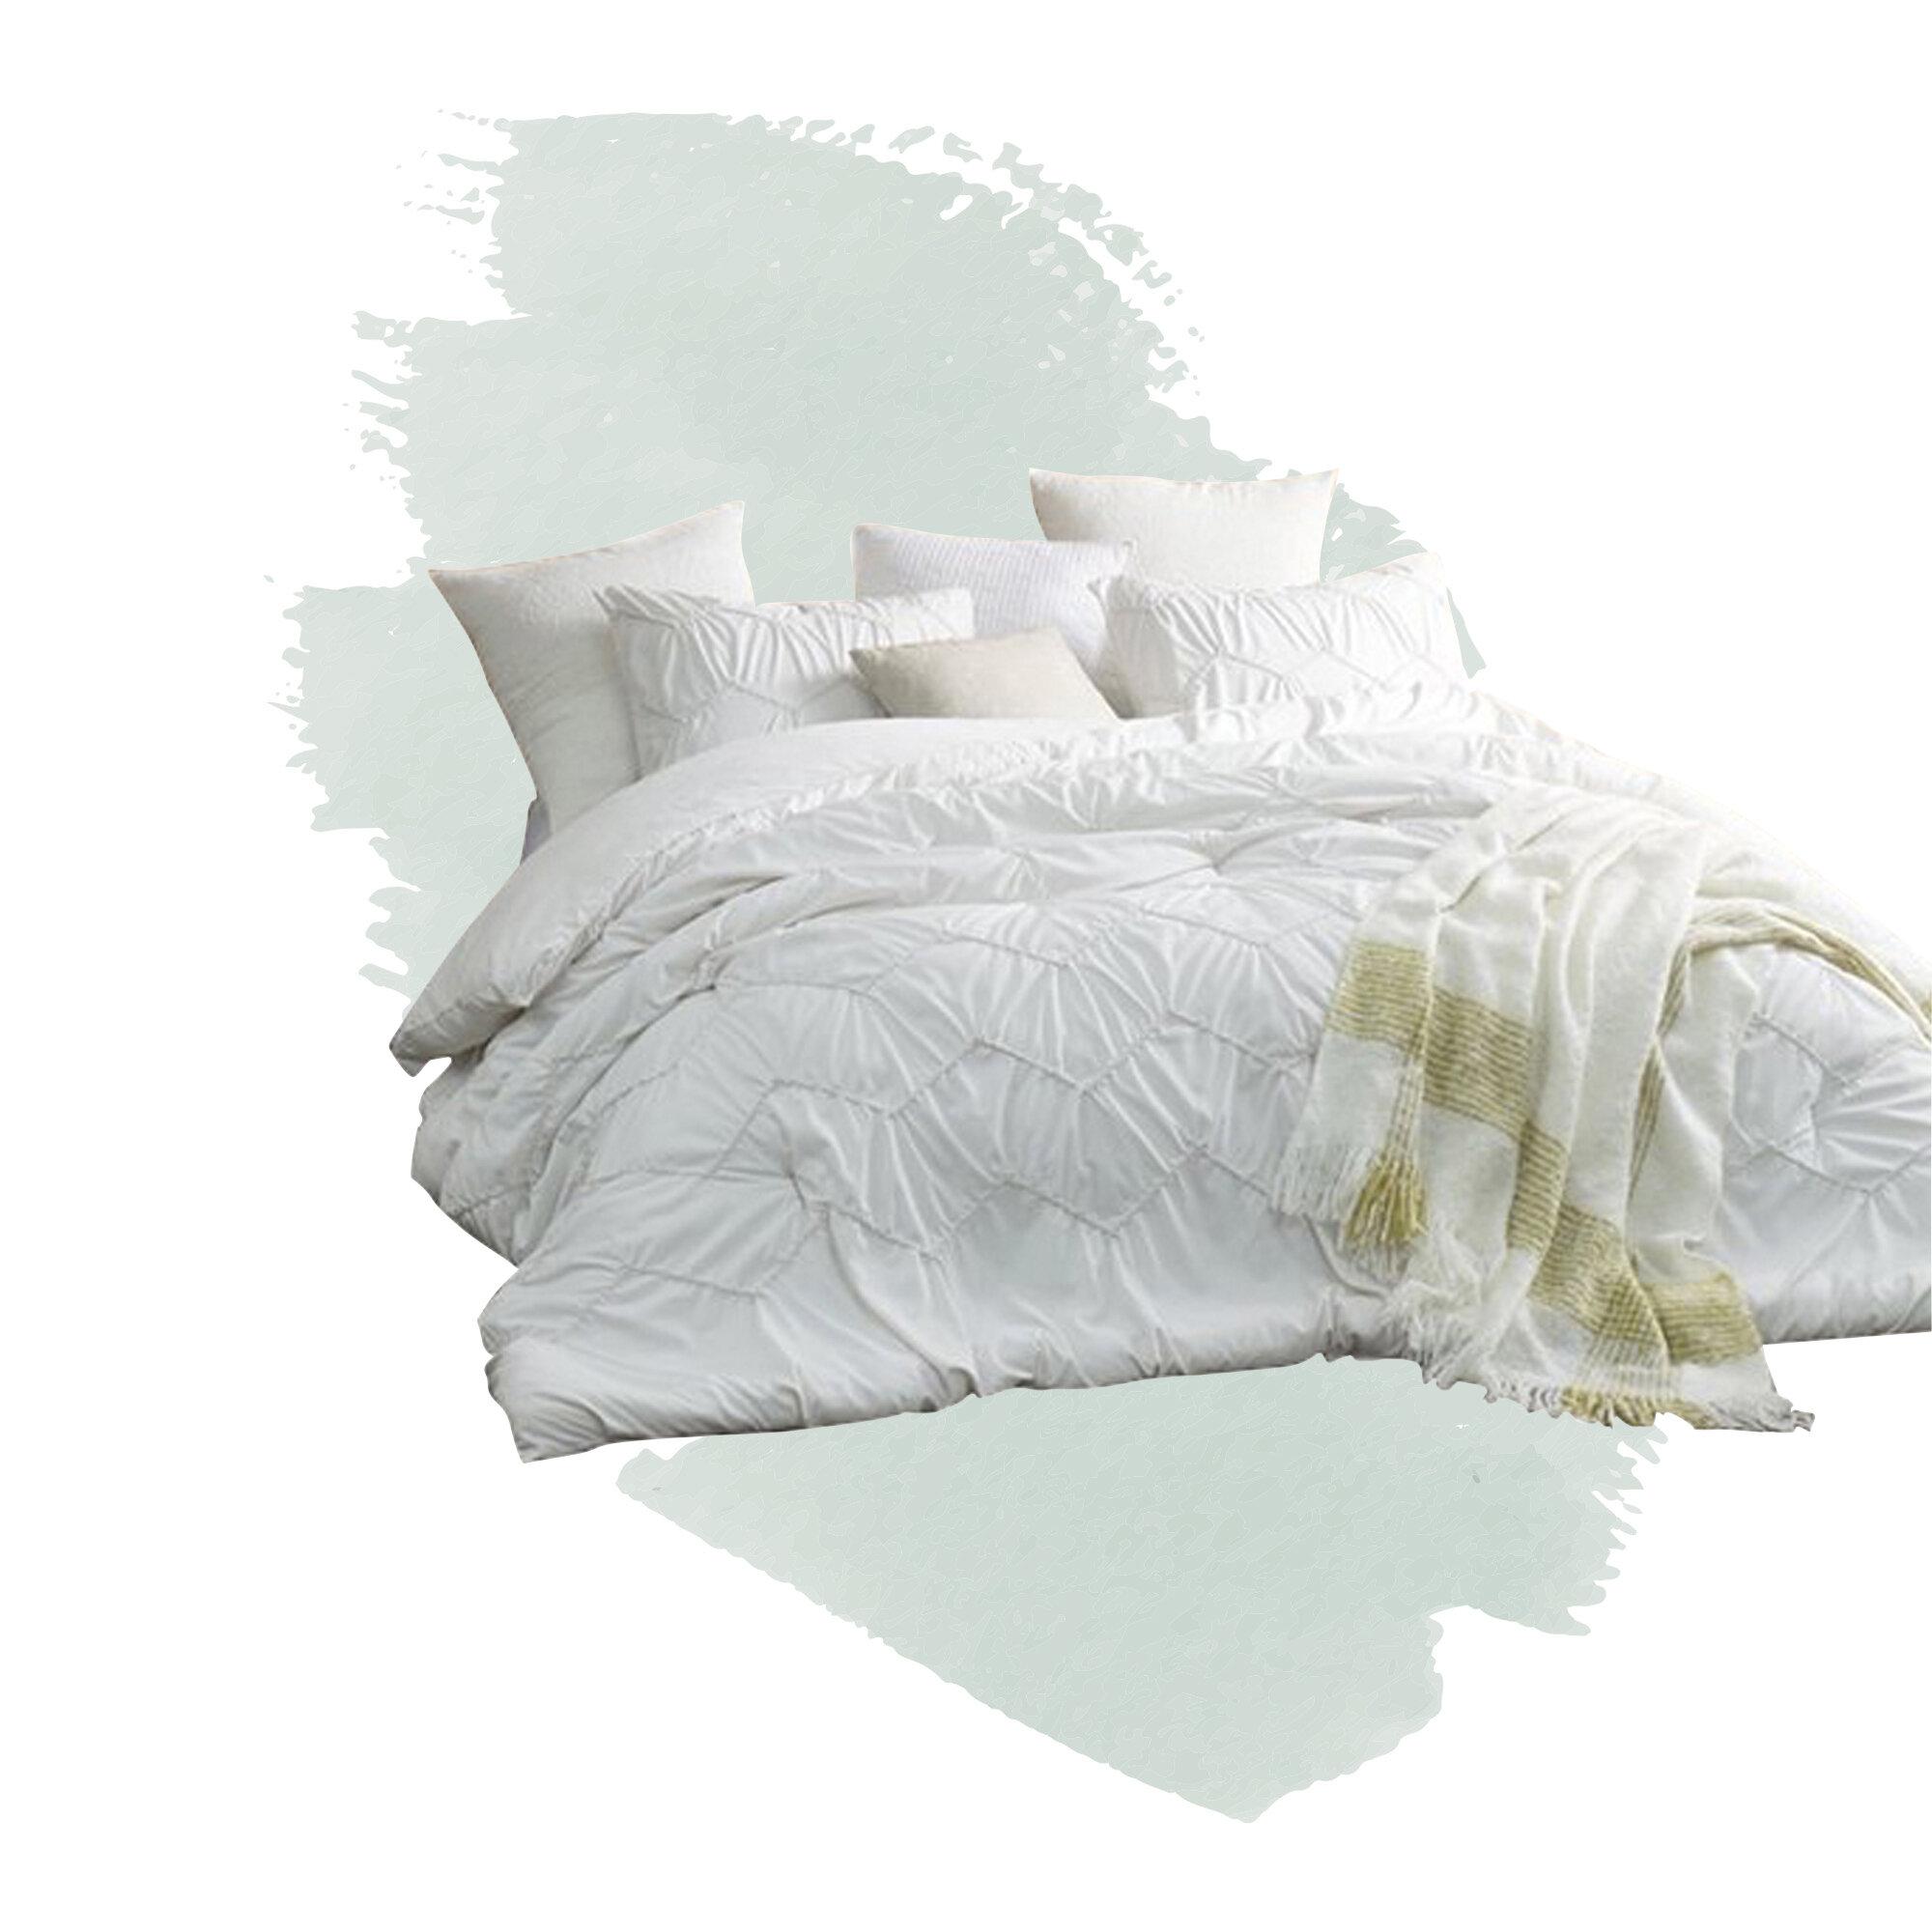 bettwaren wasche matratzen 79 99 new real simple linear duvet cover twin u pick color white aqua grey gray maybrands com ng